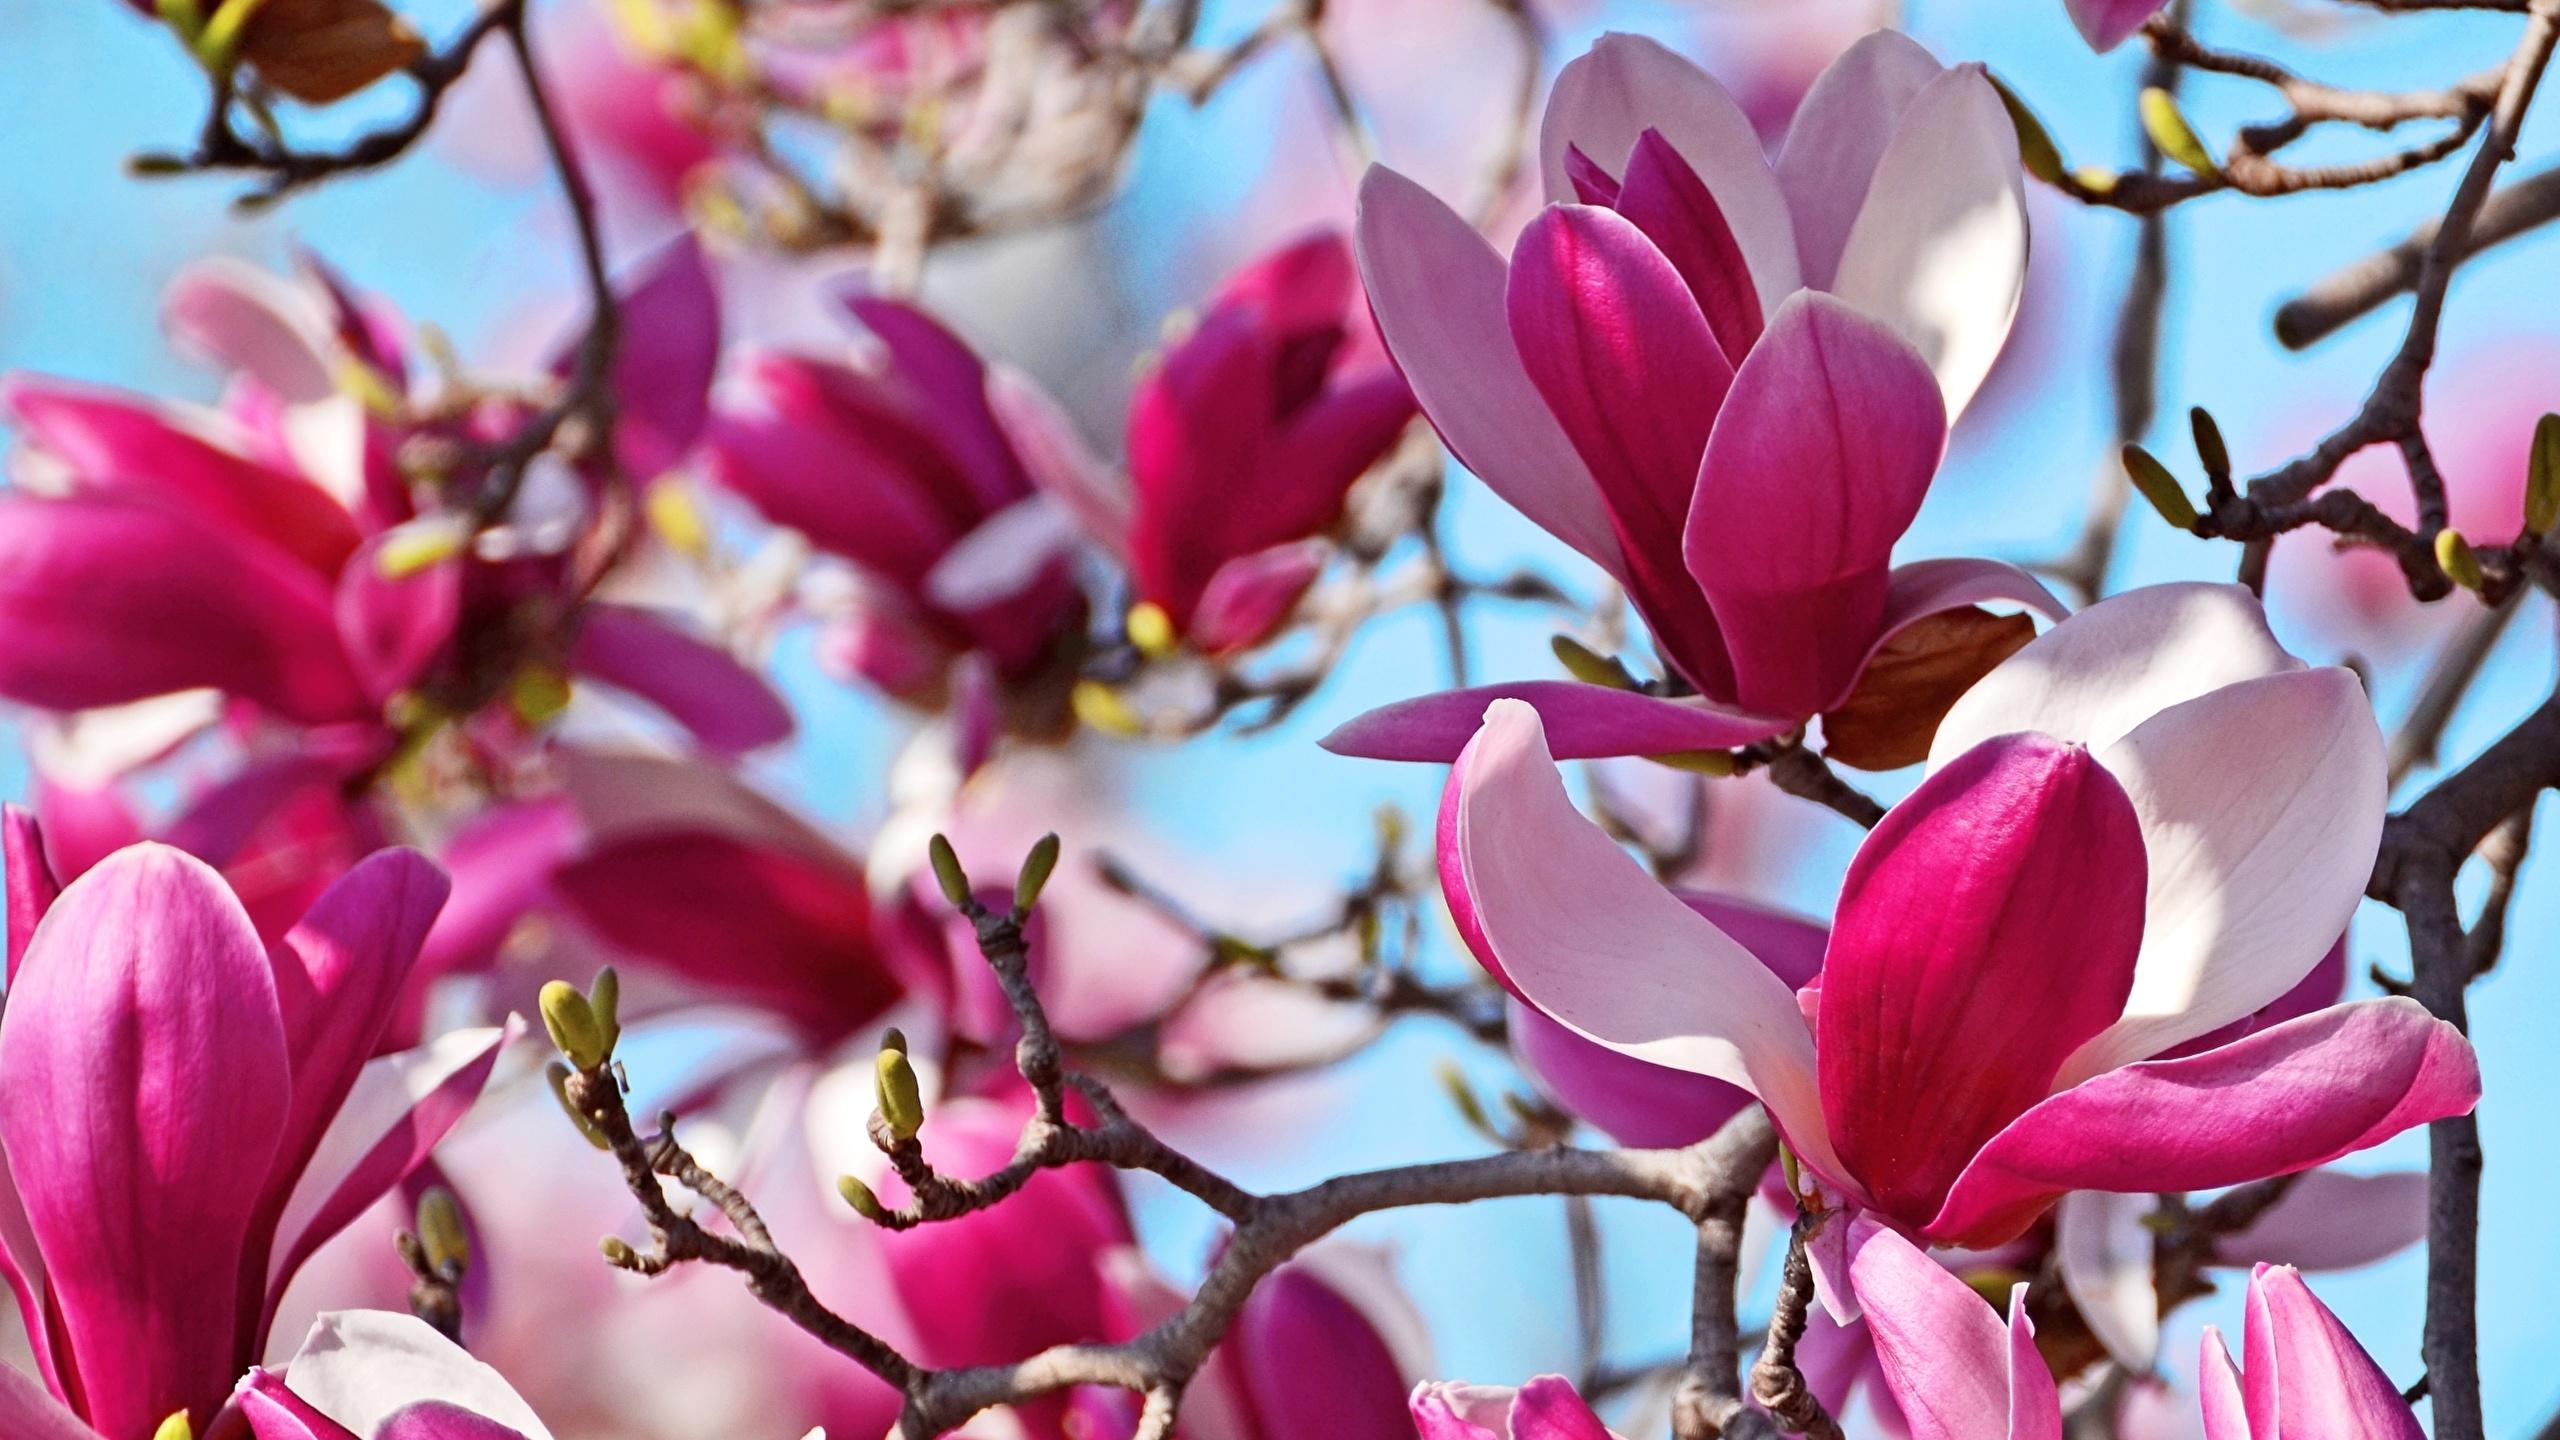 Обои магнолия. Цветы foto 16